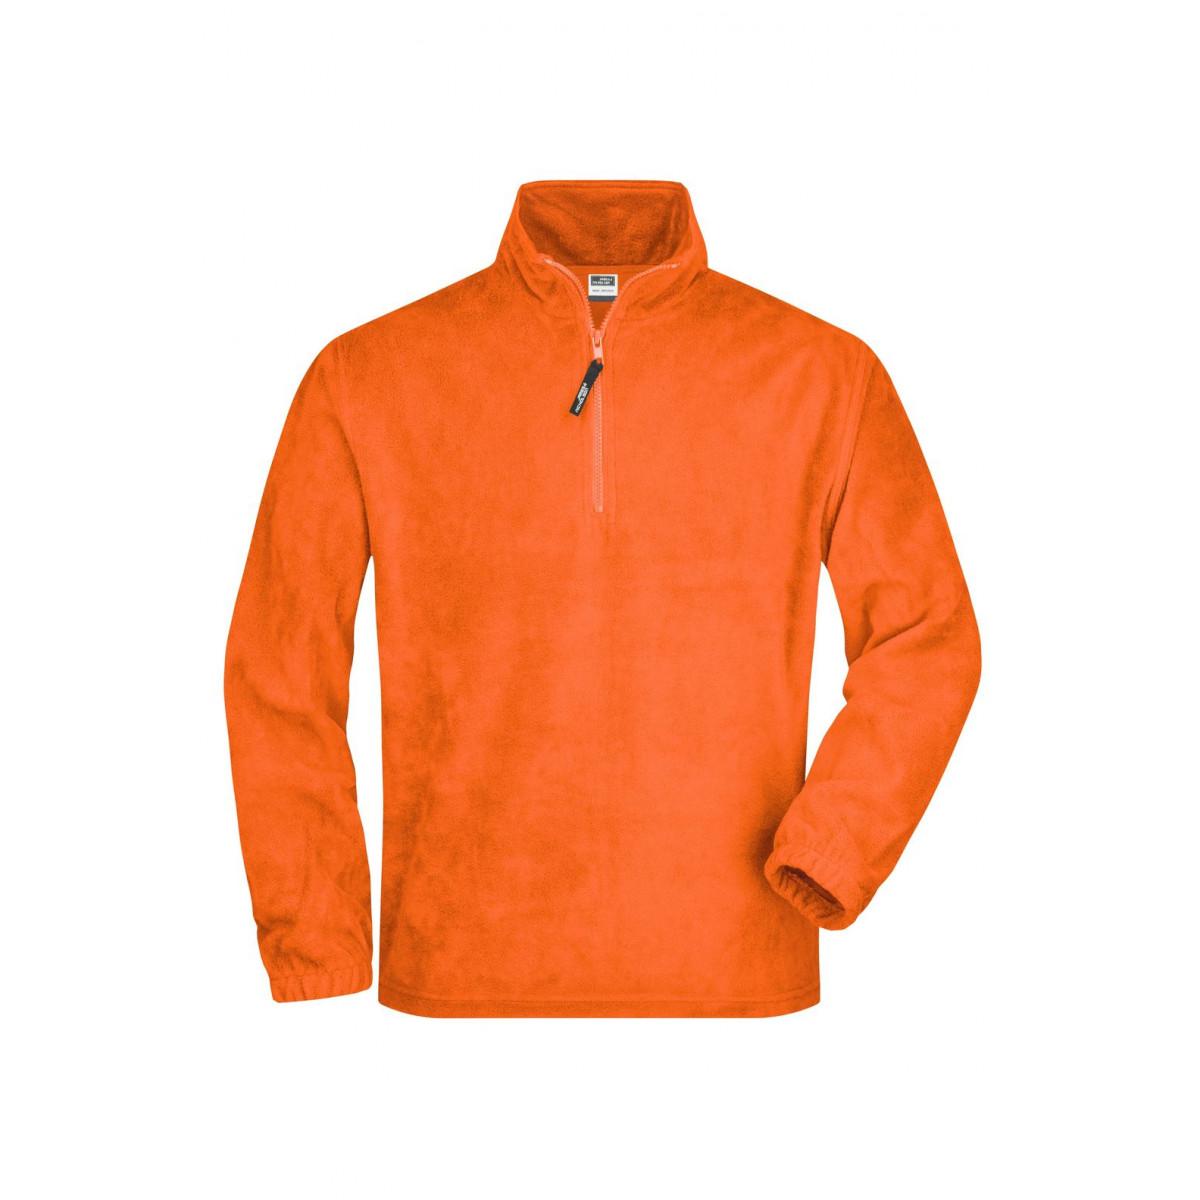 Толстовка мужская JN043 Half-Zip Fleece - Оранжевый